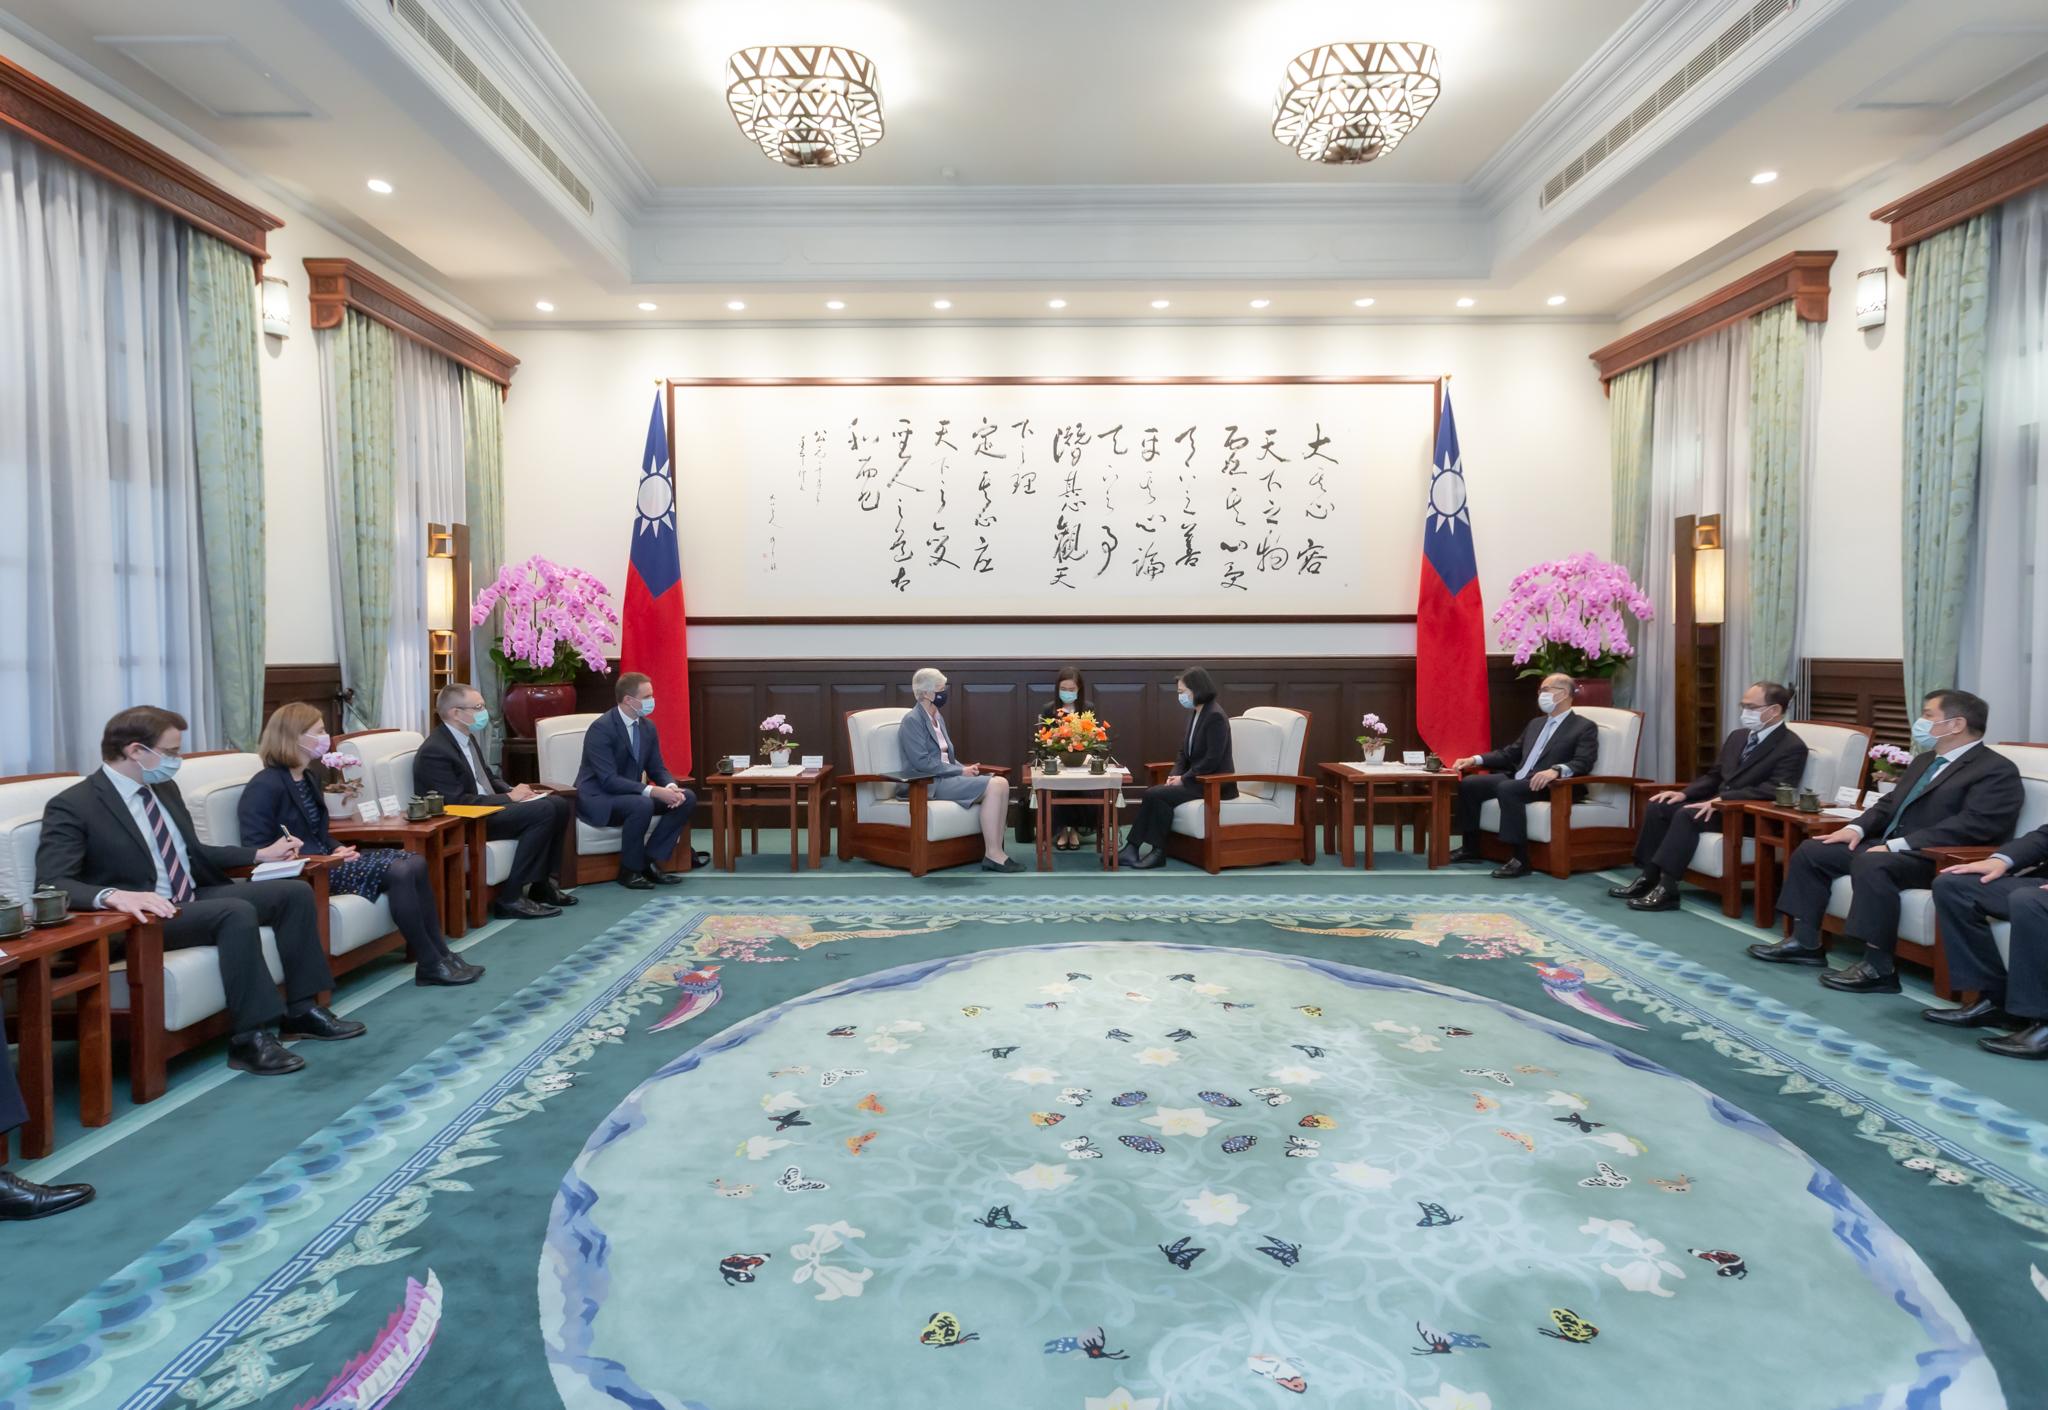 英國駐台代表唐凱琳即將離任,蔡英文總統親自接見表達感謝之意。